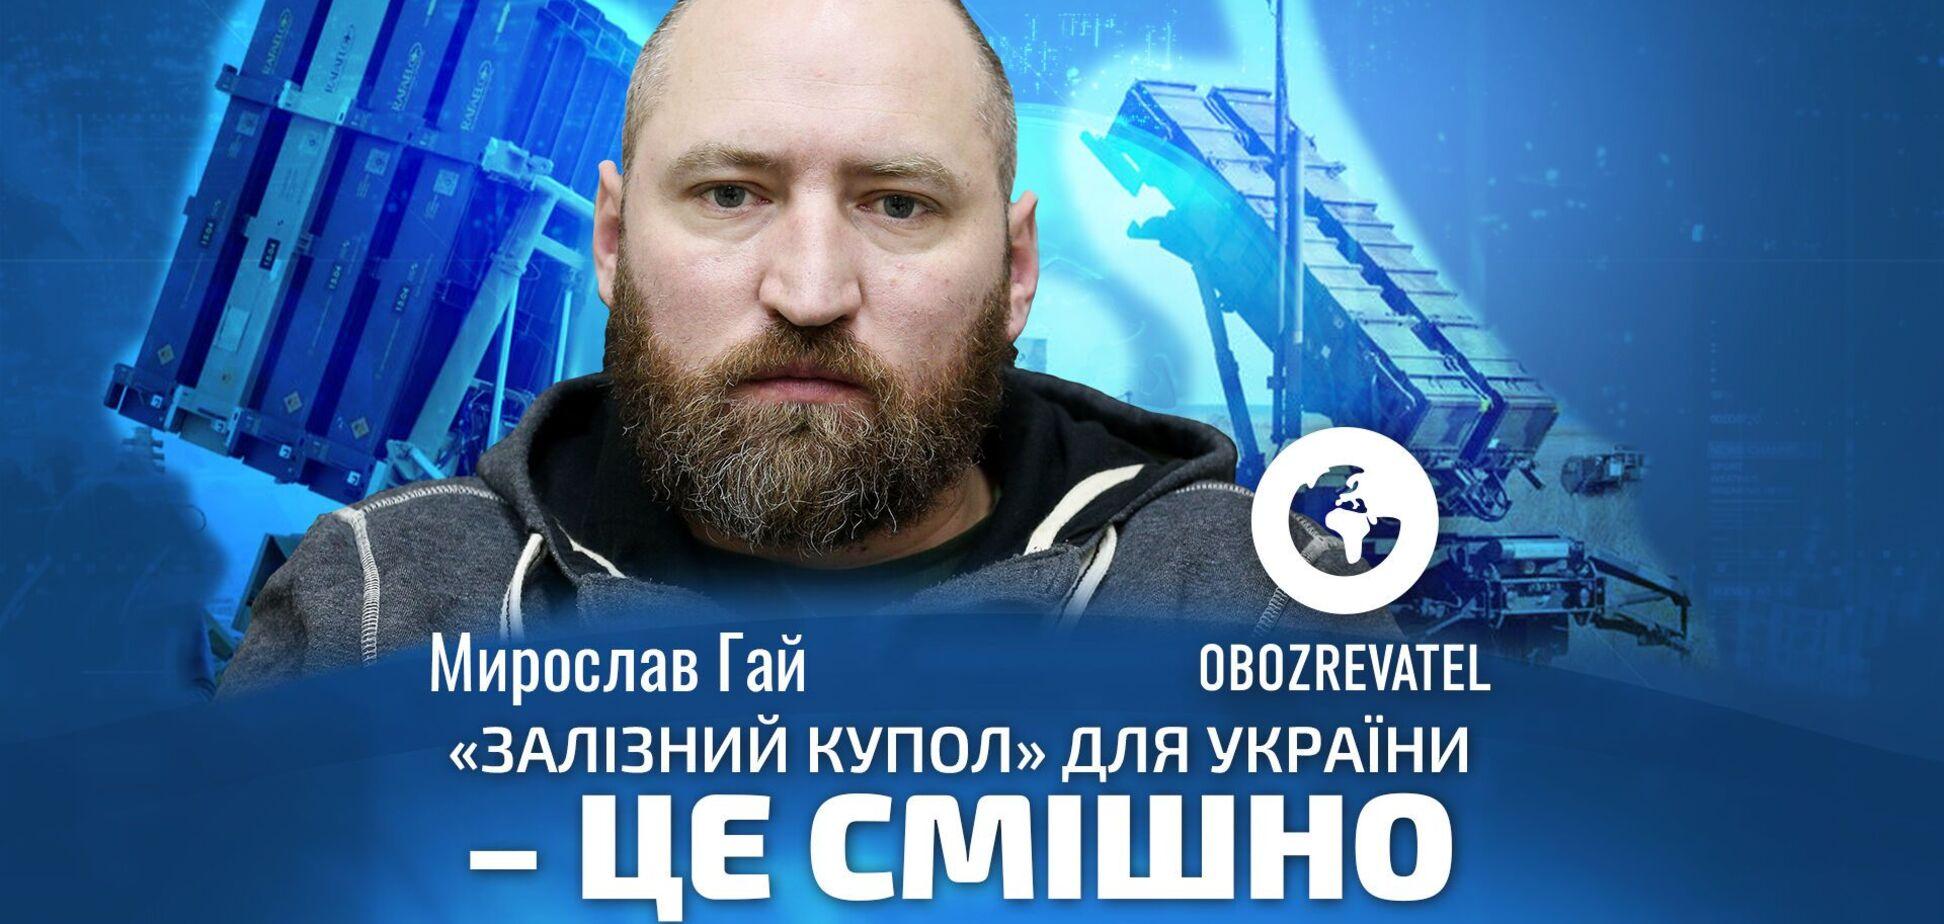 Україна могла б доставати майже до Москви, – Гай